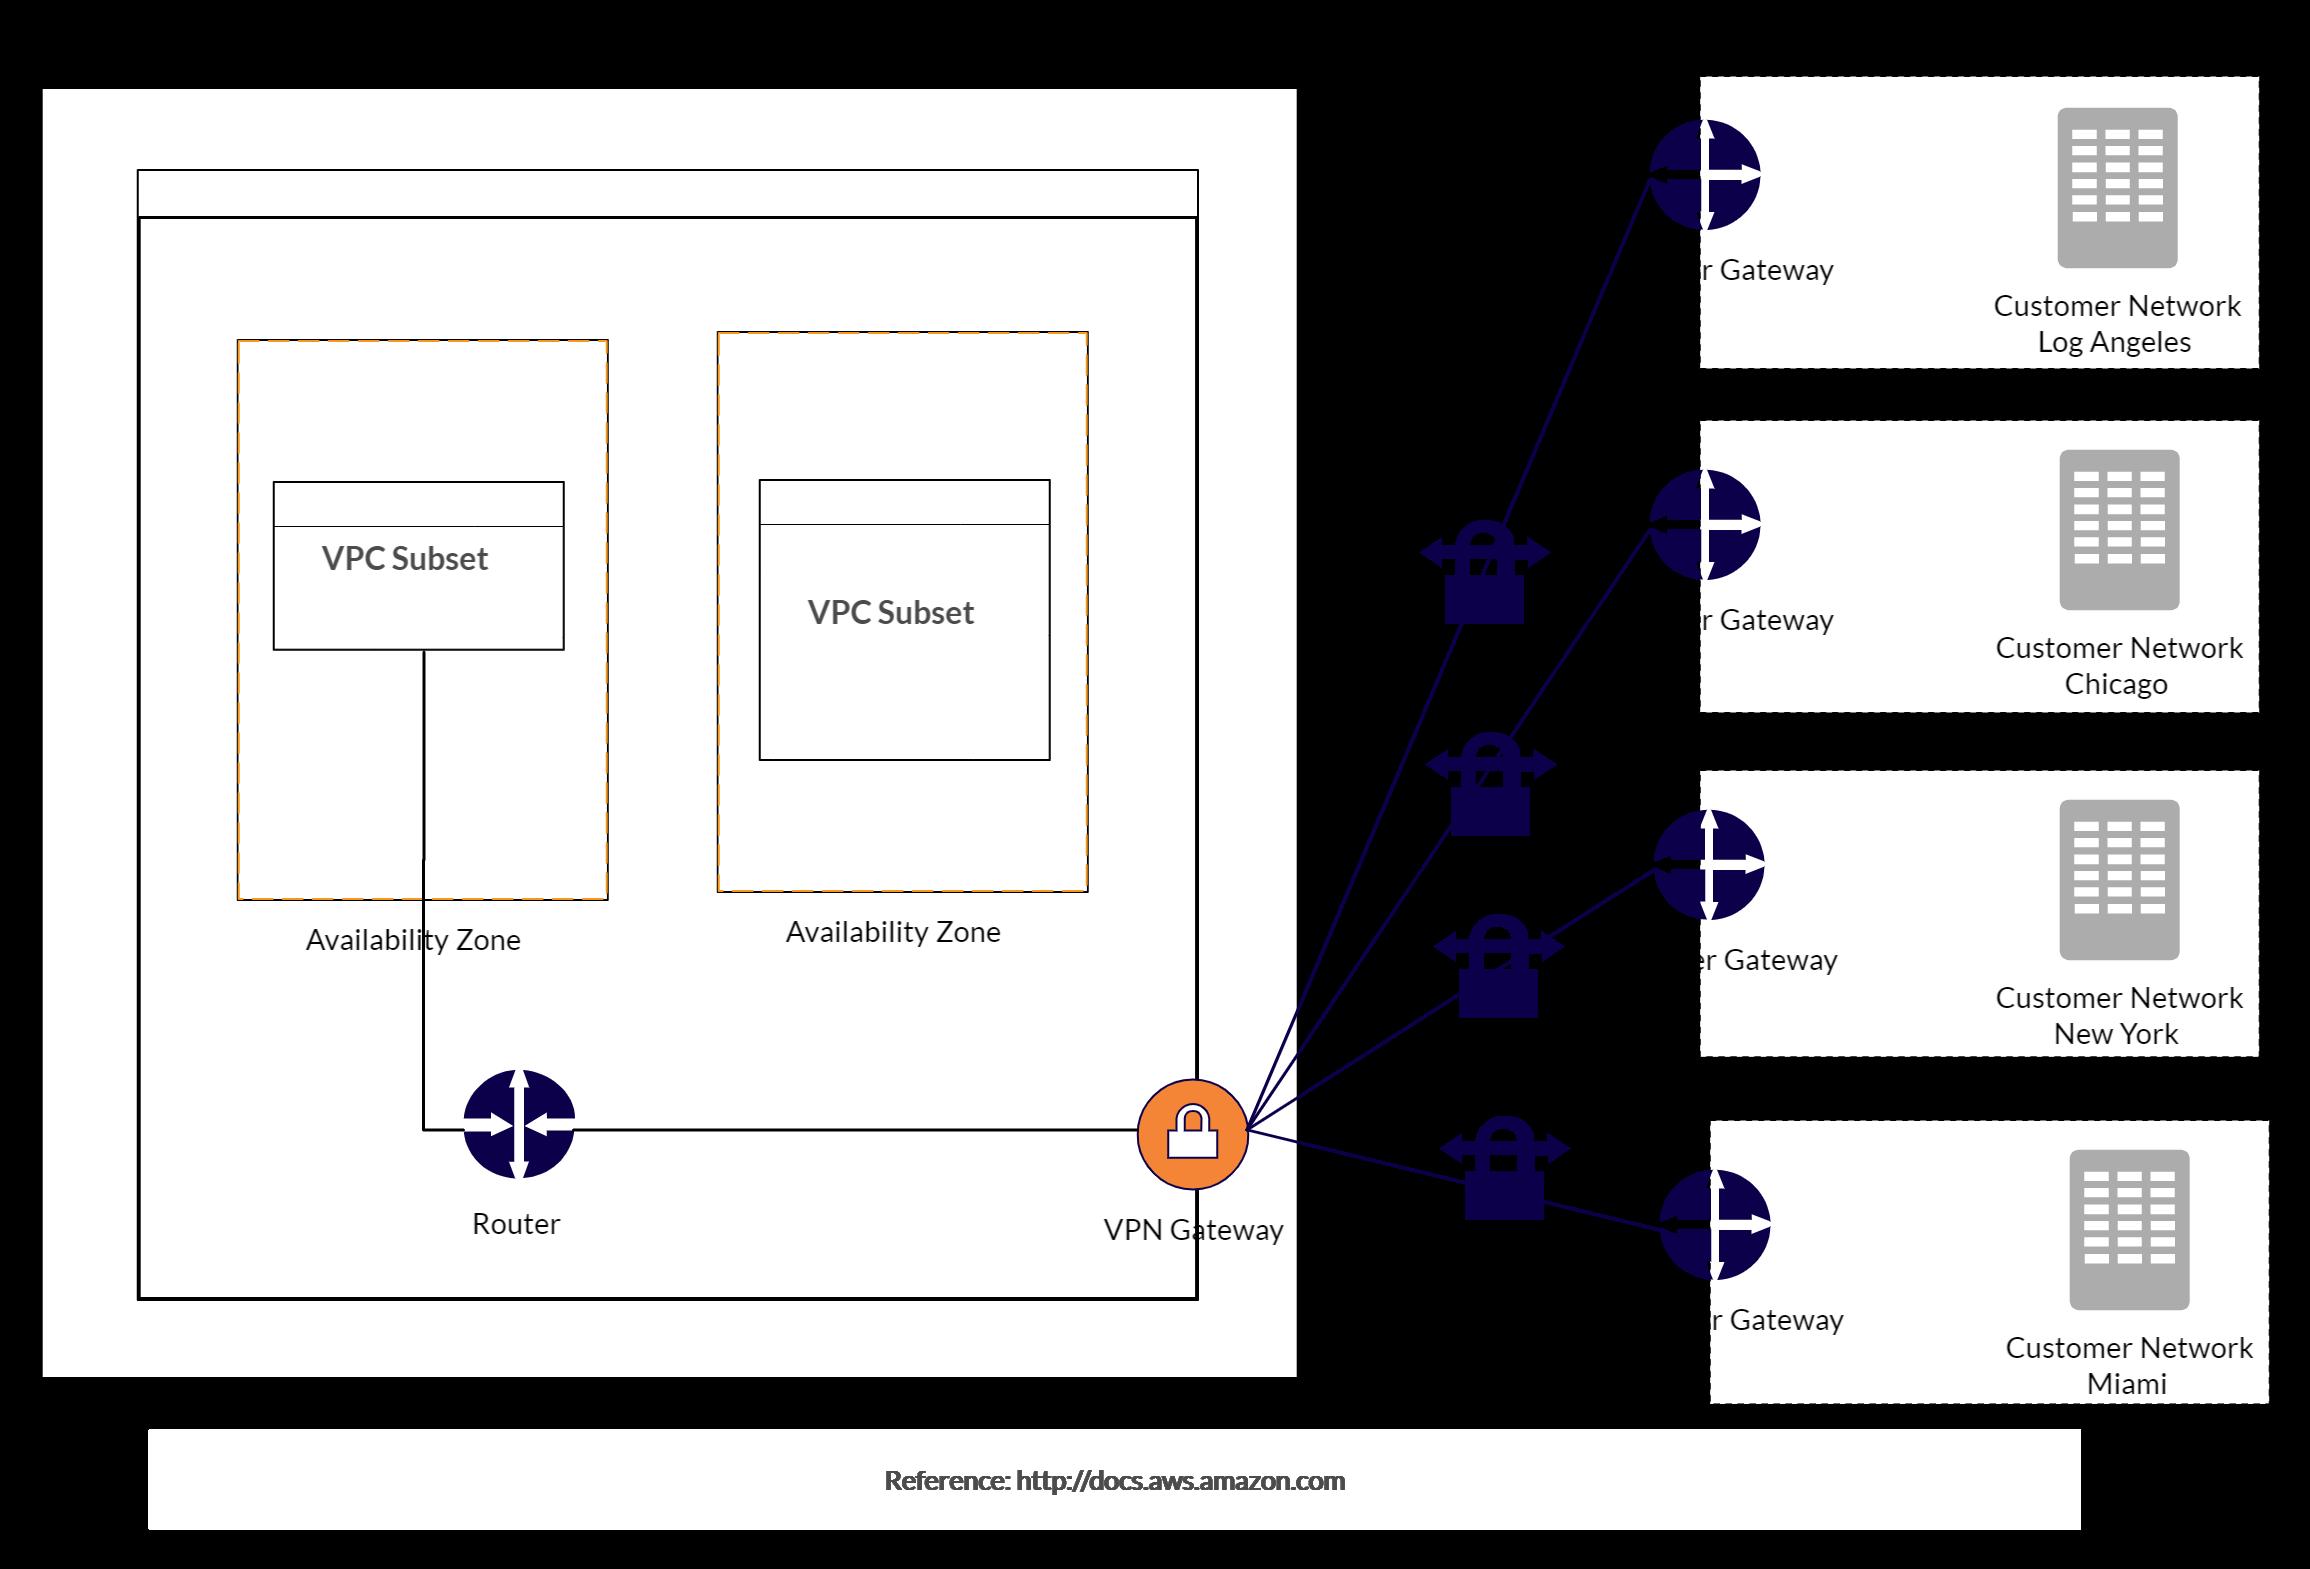 7b5e3c13a9578c61736c2046d1eba669 - How To Setup A Vpn Between Two Sites